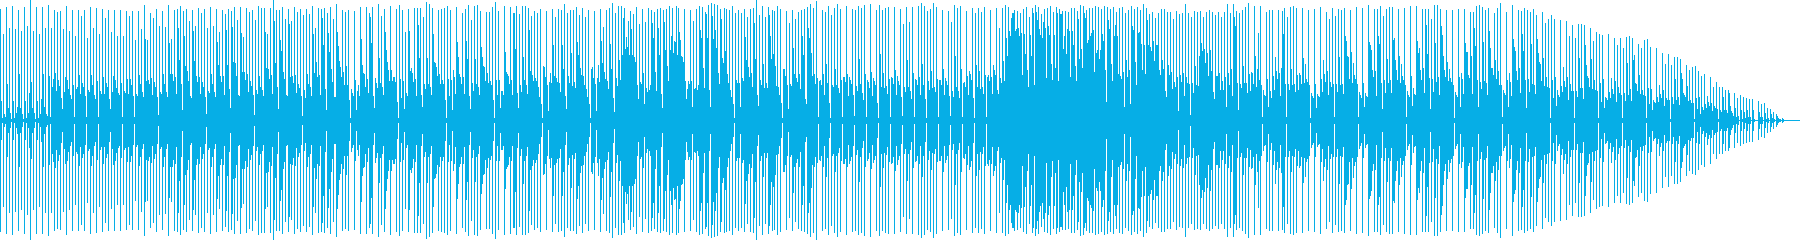 妖しい夜/ビリー・ジーン風/8ビートの再生済みの波形